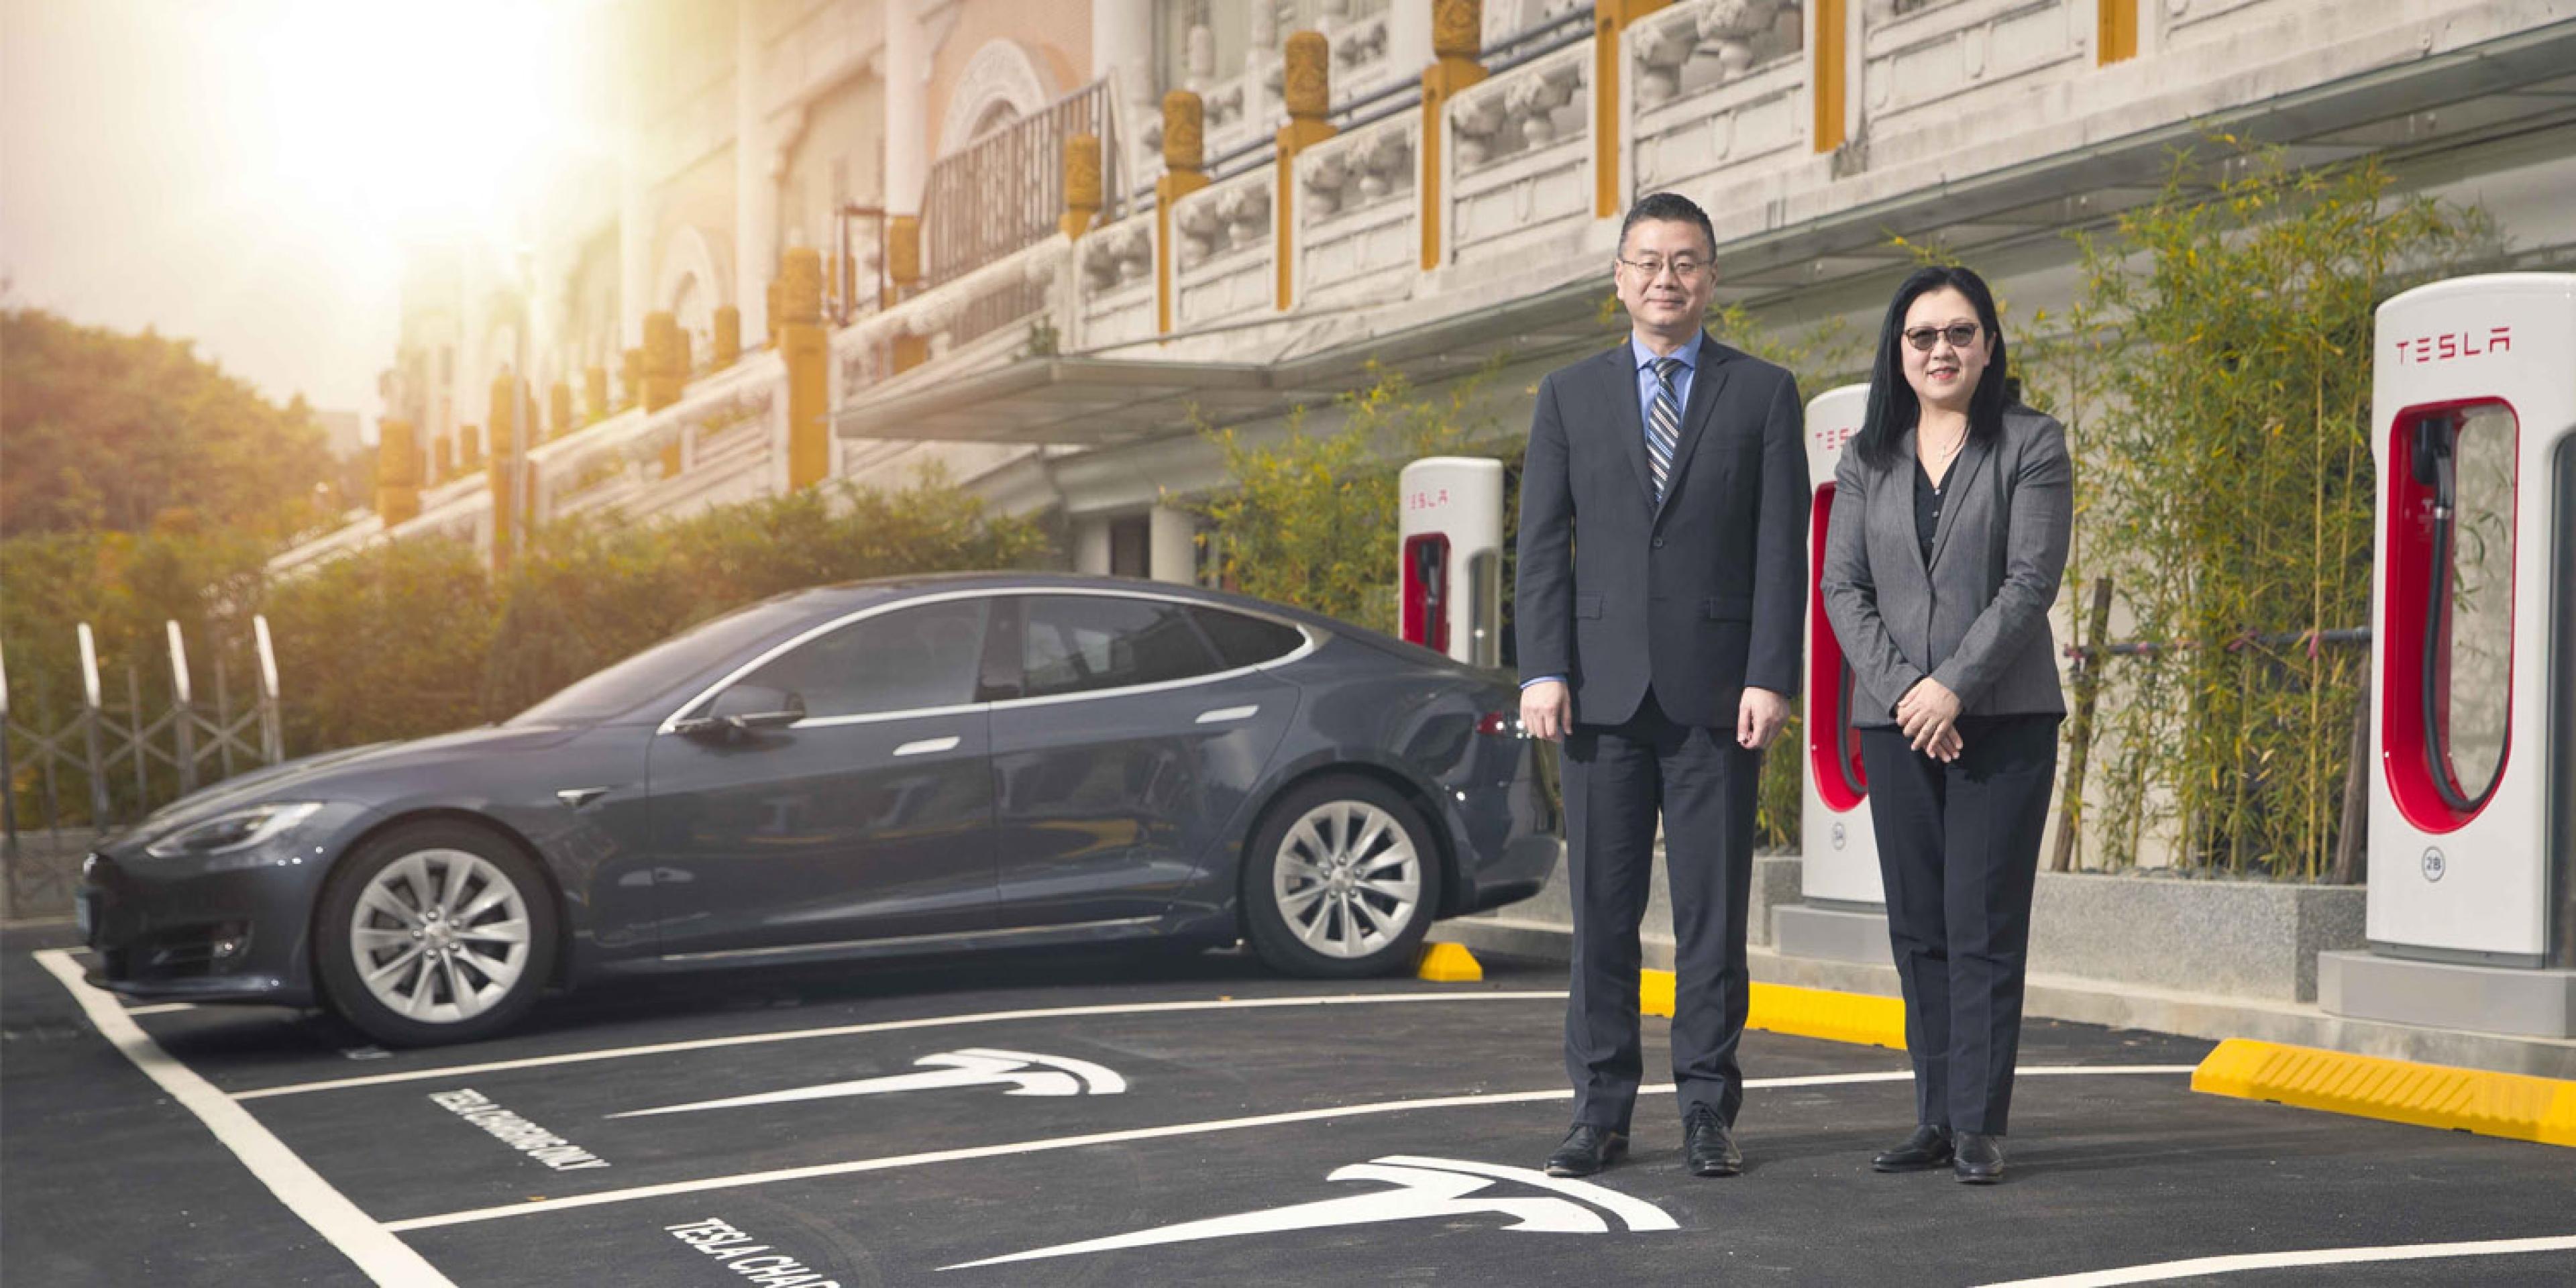 電動車的第一哩路。Tesla首批Model S交車暨全台第一座超級充電站啟用